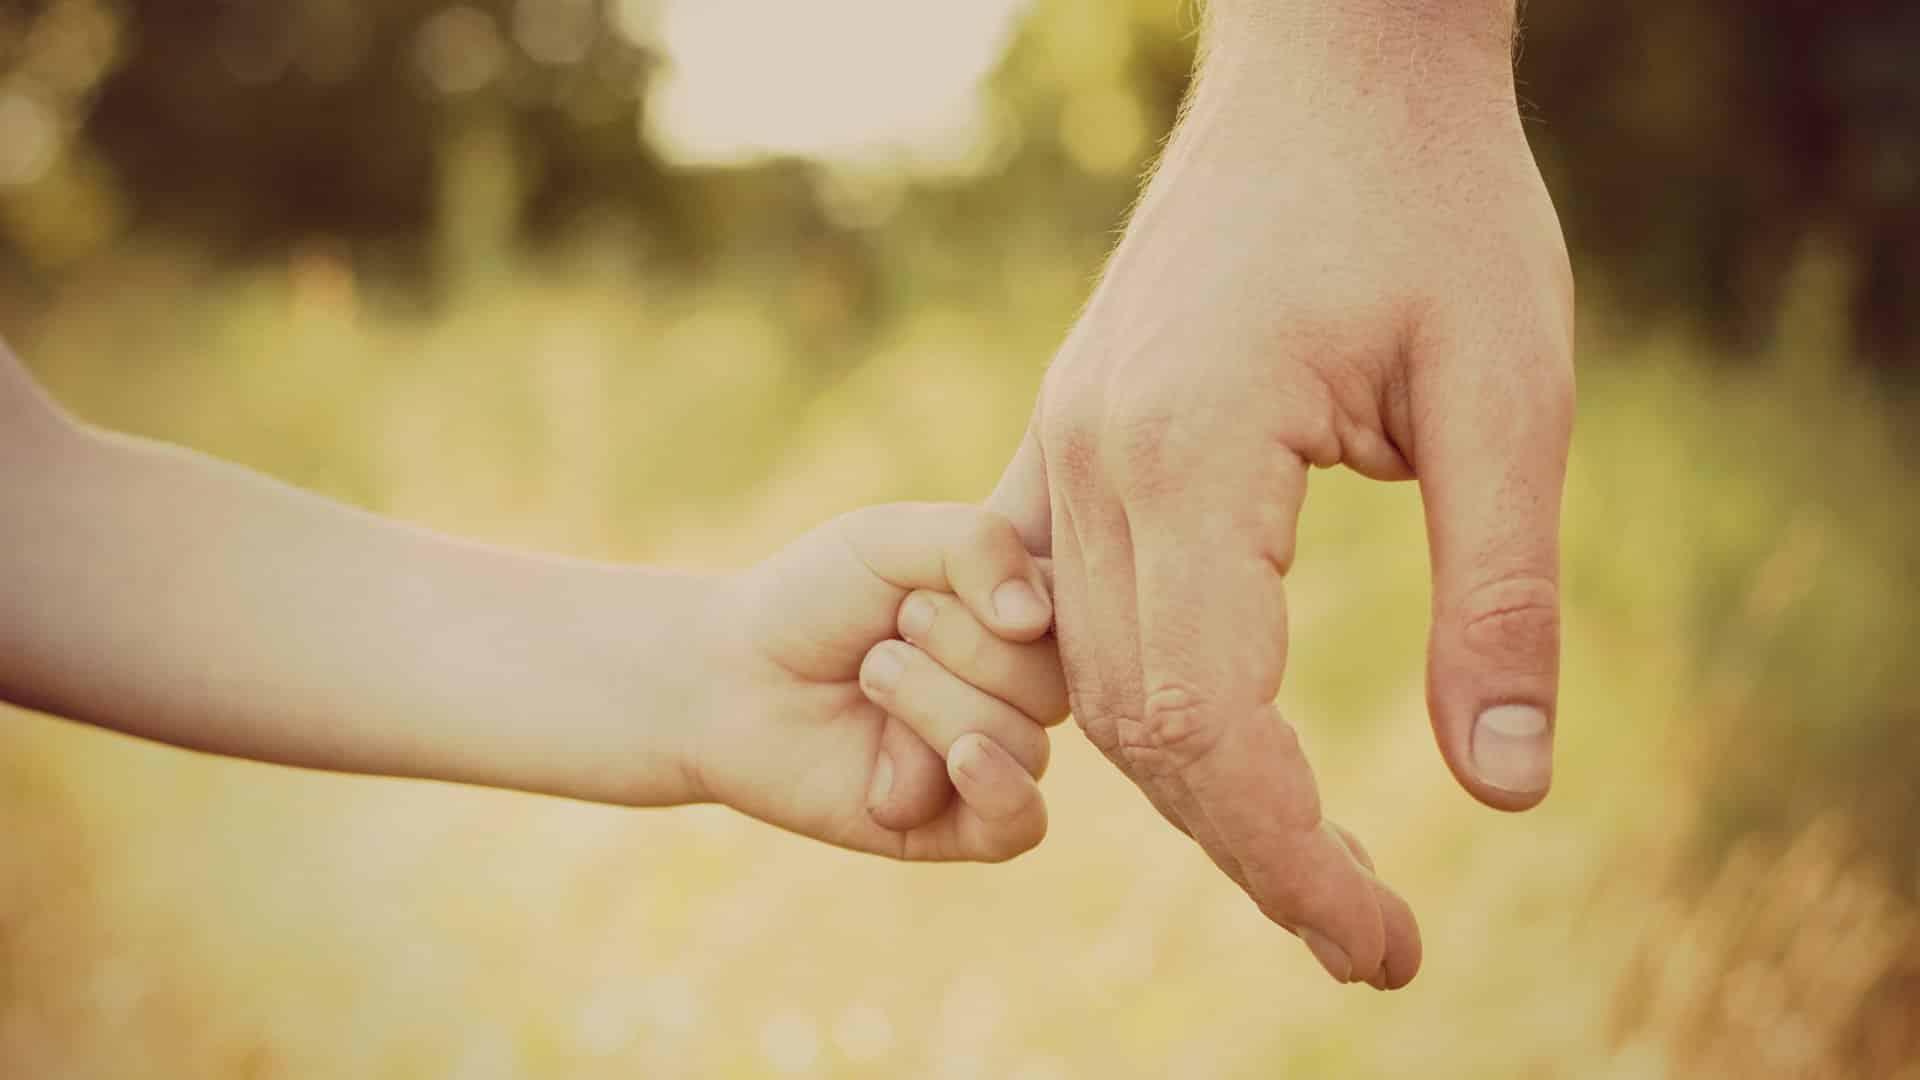 Il processo penale minorile tra tutela, responsabilizzazione e promozione di benessere.